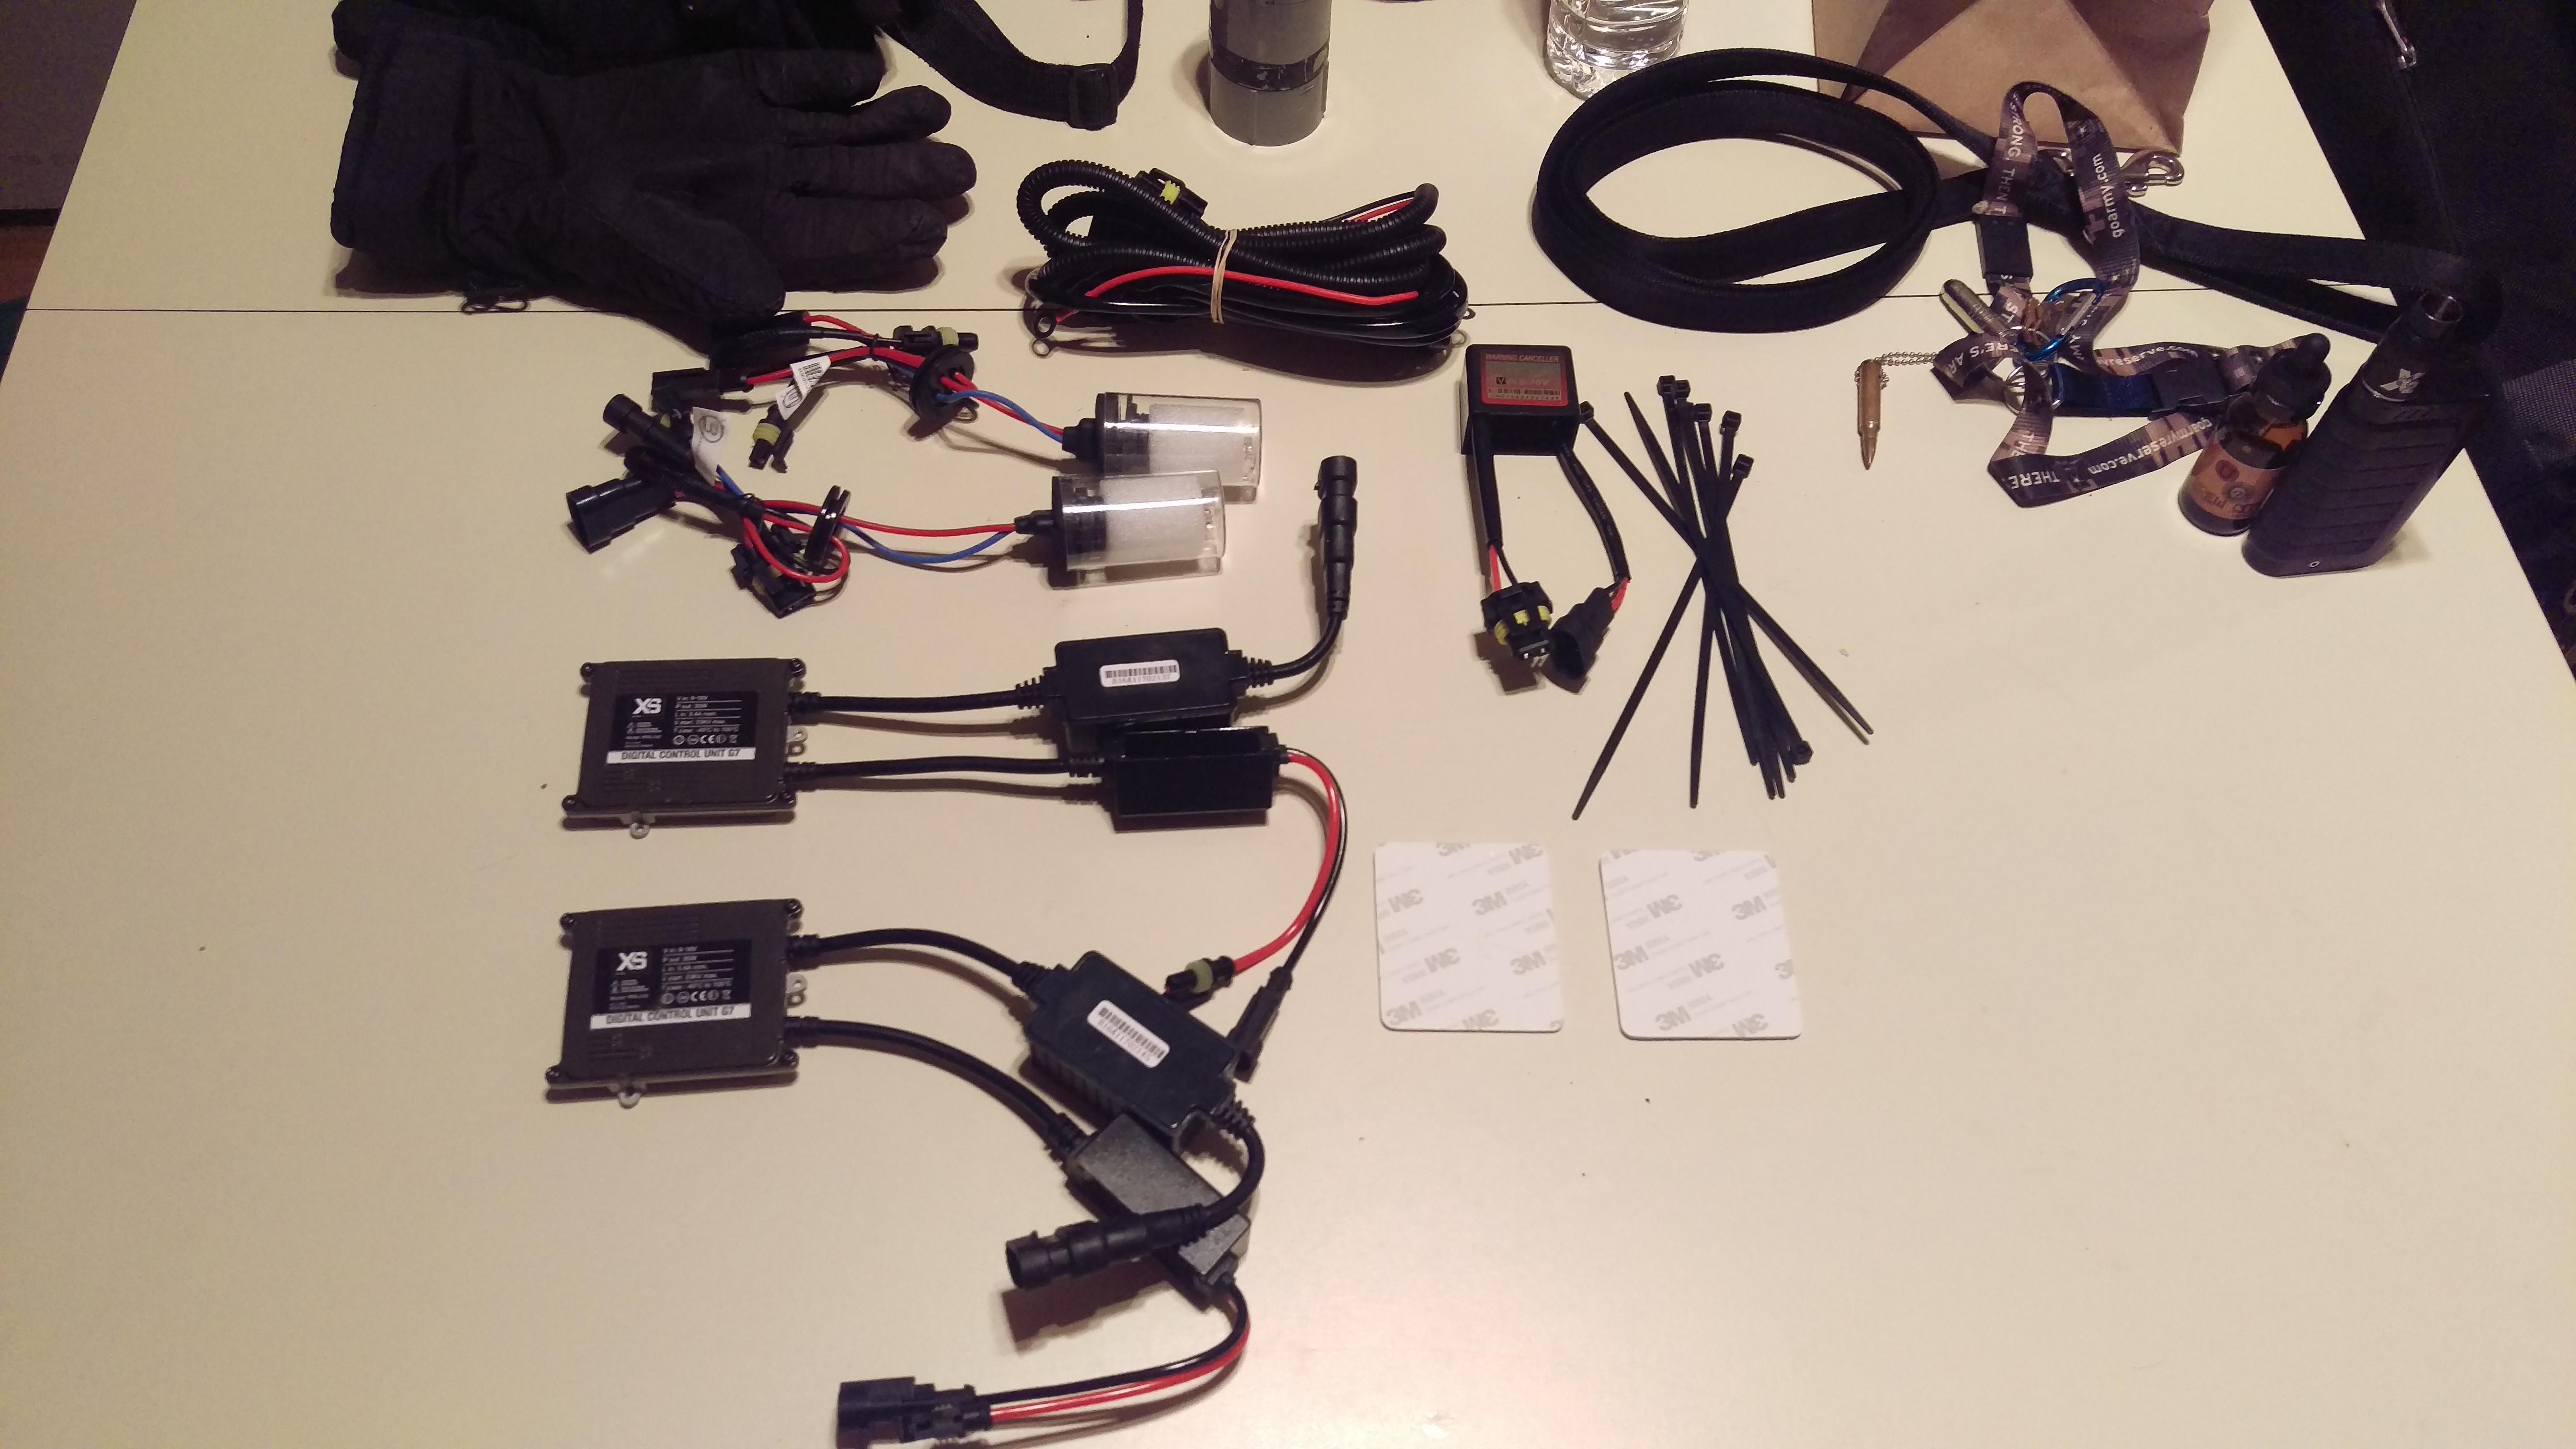 Stock To Hid Conversion Xenon Kit Wiring Diagram Name 4i4upfz Views 2132 Size 275 Mb